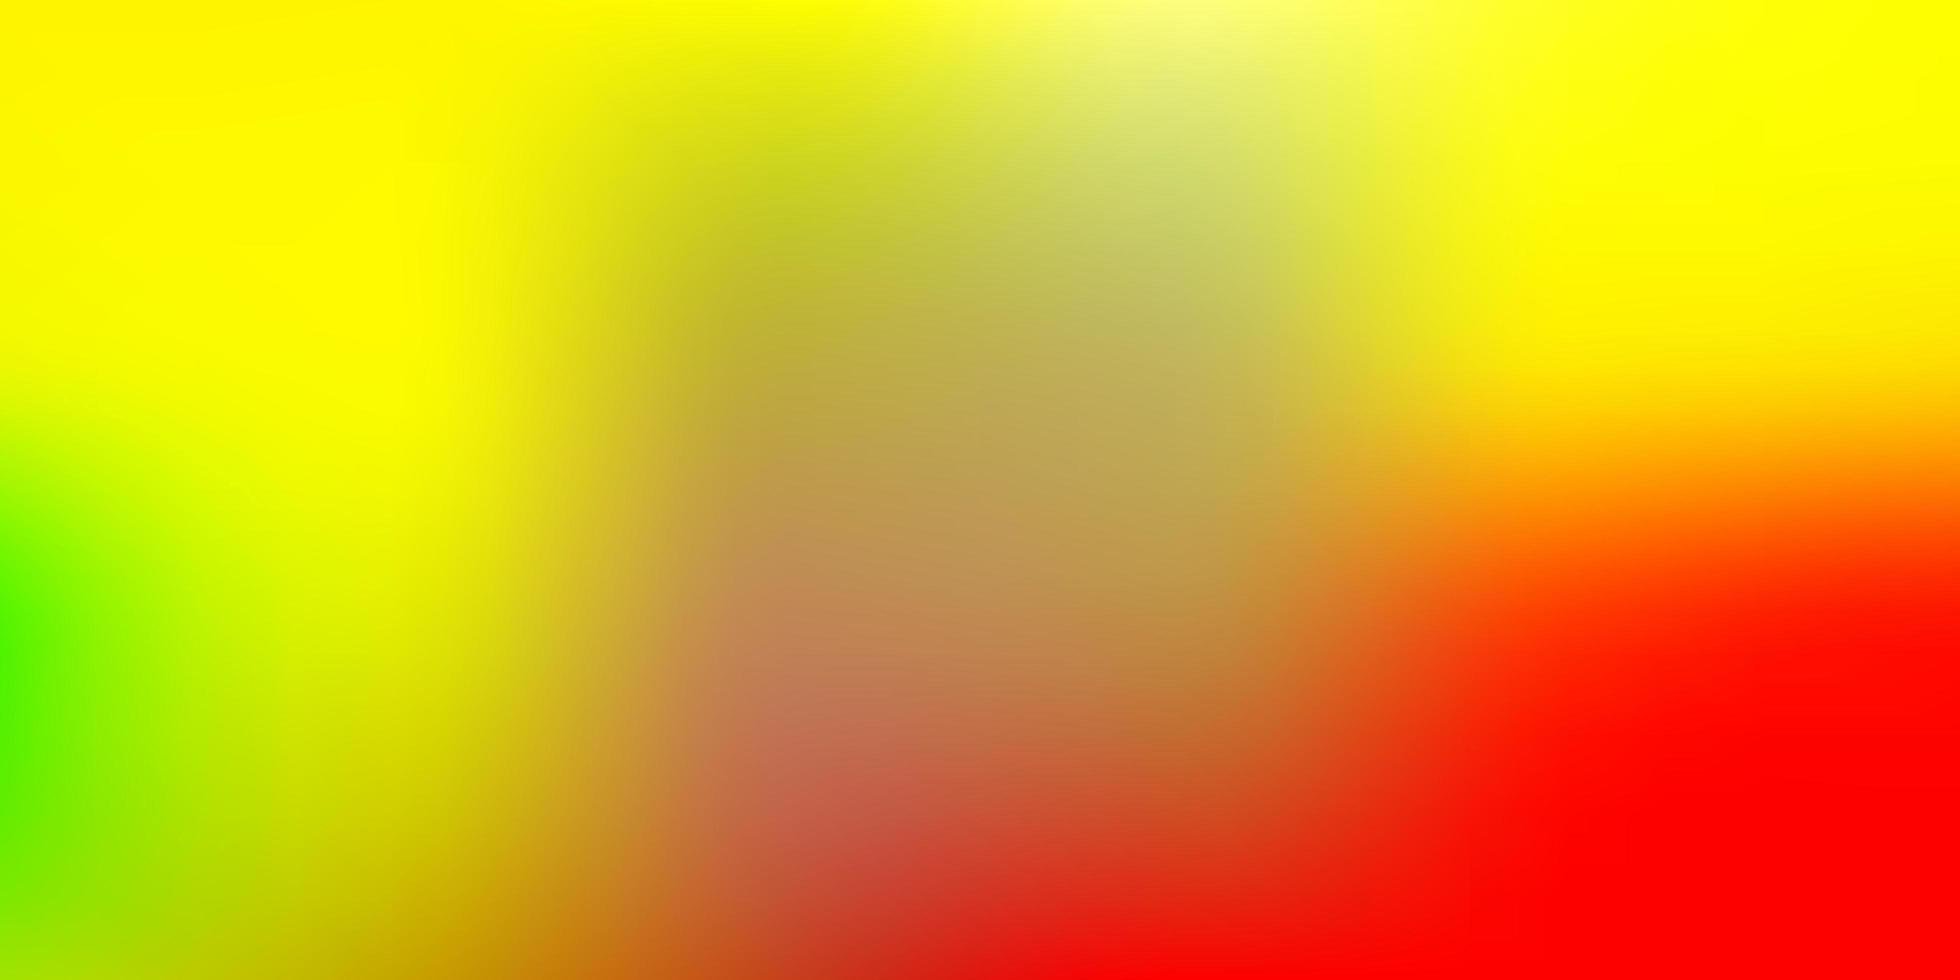 ljusröd, gul vektorgrafik oskärpa ritning. vektor